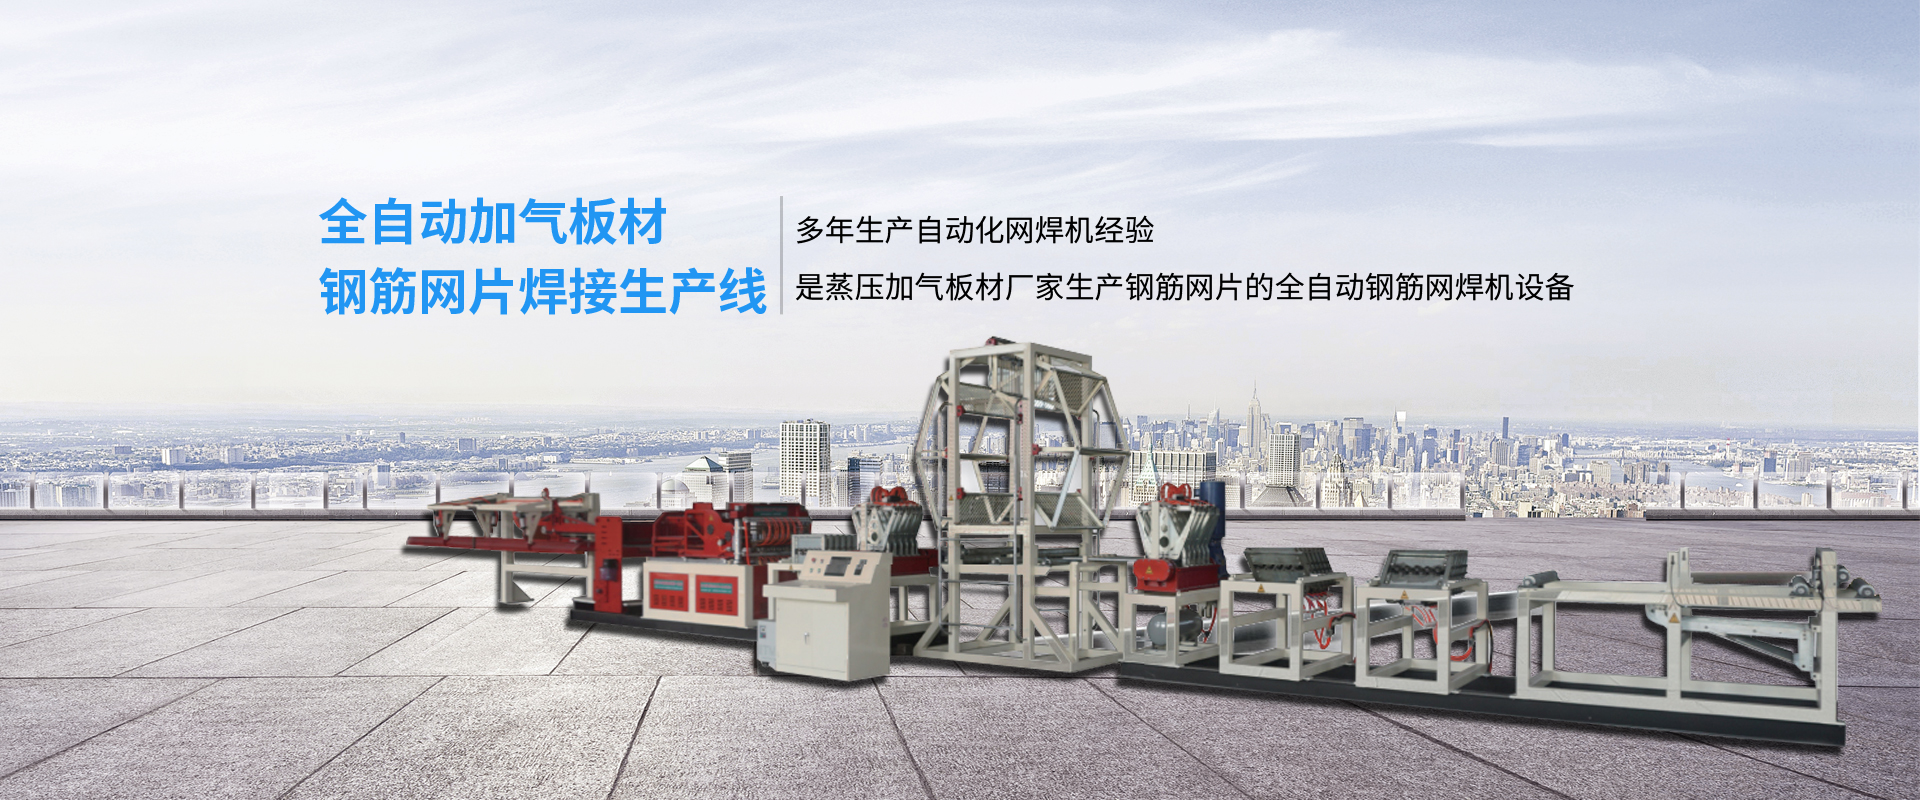 钢筋焊网机厂家,钢筋排焊网机厂家,全自动焊网机厂家,加气板材专用焊网机